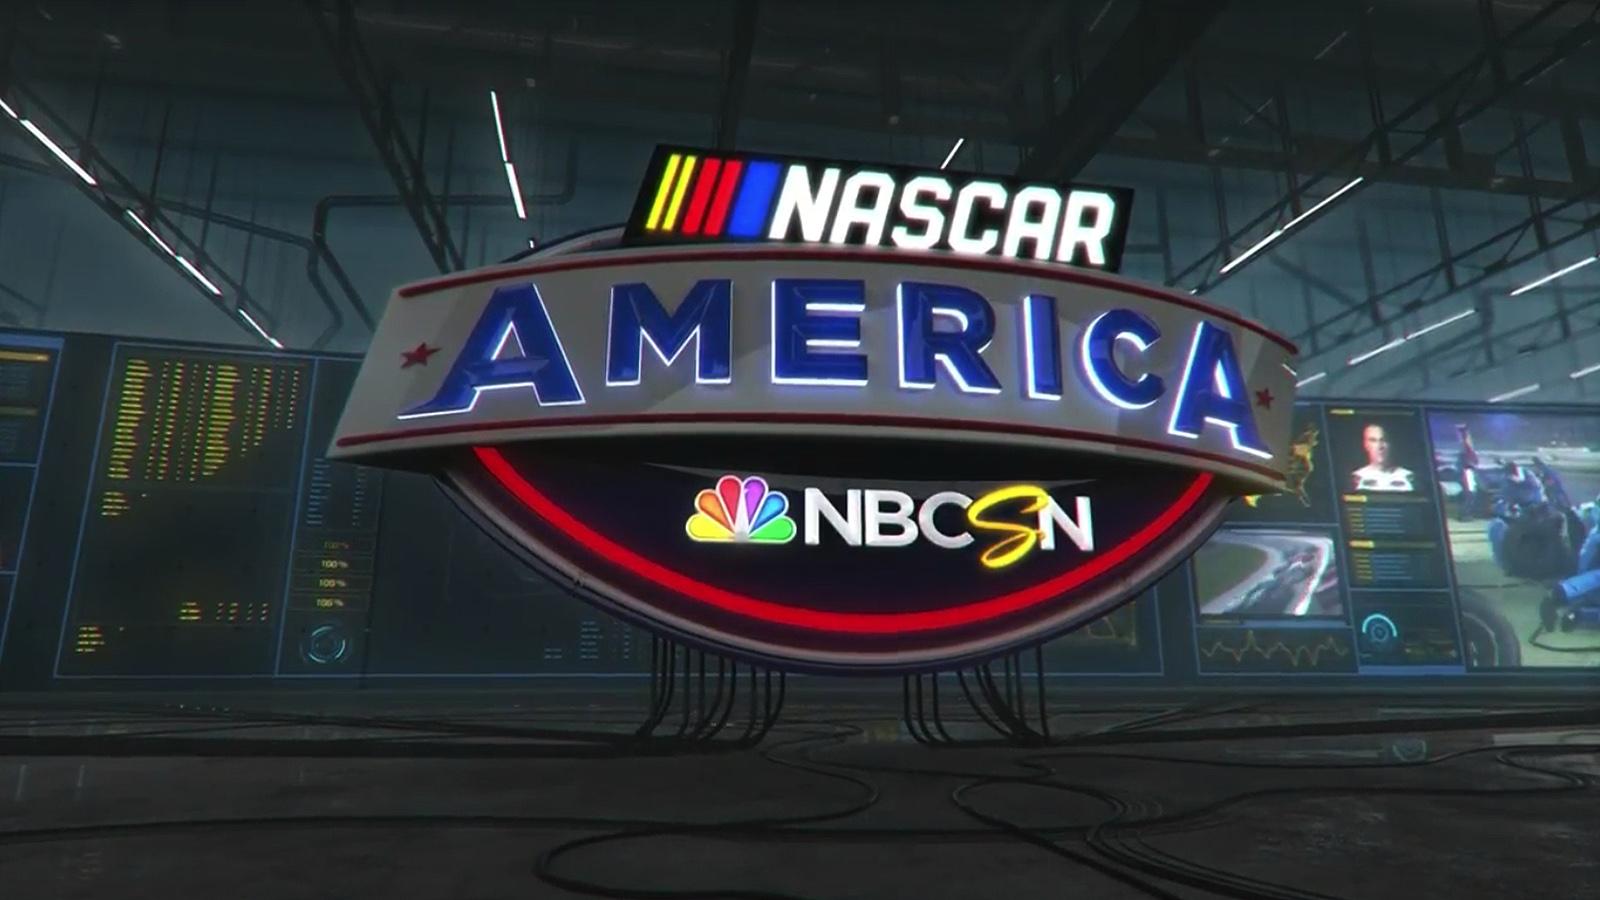 NCS_NASCAR-America-NBCSN_001